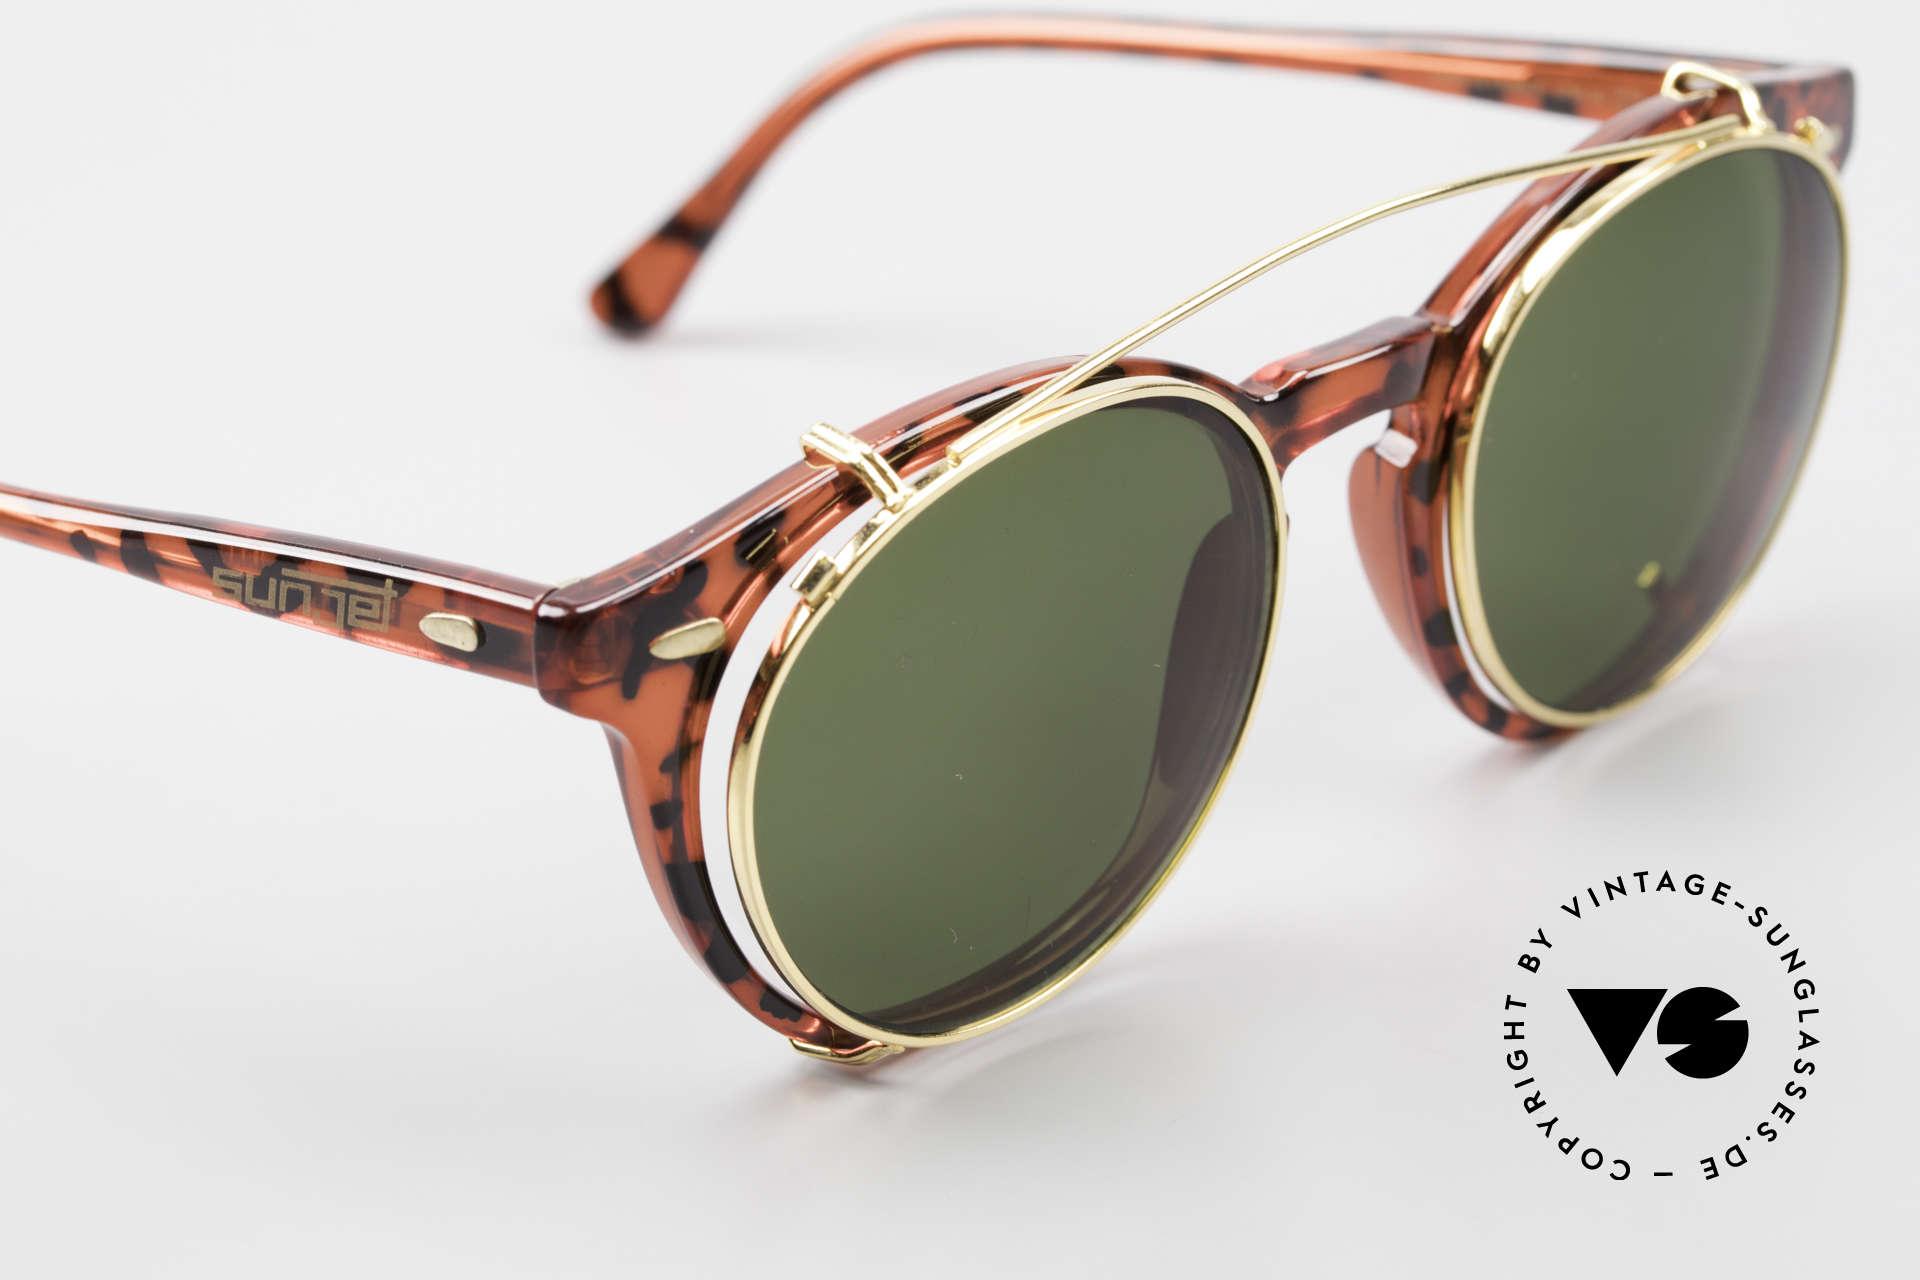 Carrera 5256 Clip Panto Brille Johnny Depp Stil, relativ schmaler Rahmen; daher eher ein Unisex-Modell, Passend für Herren und Damen